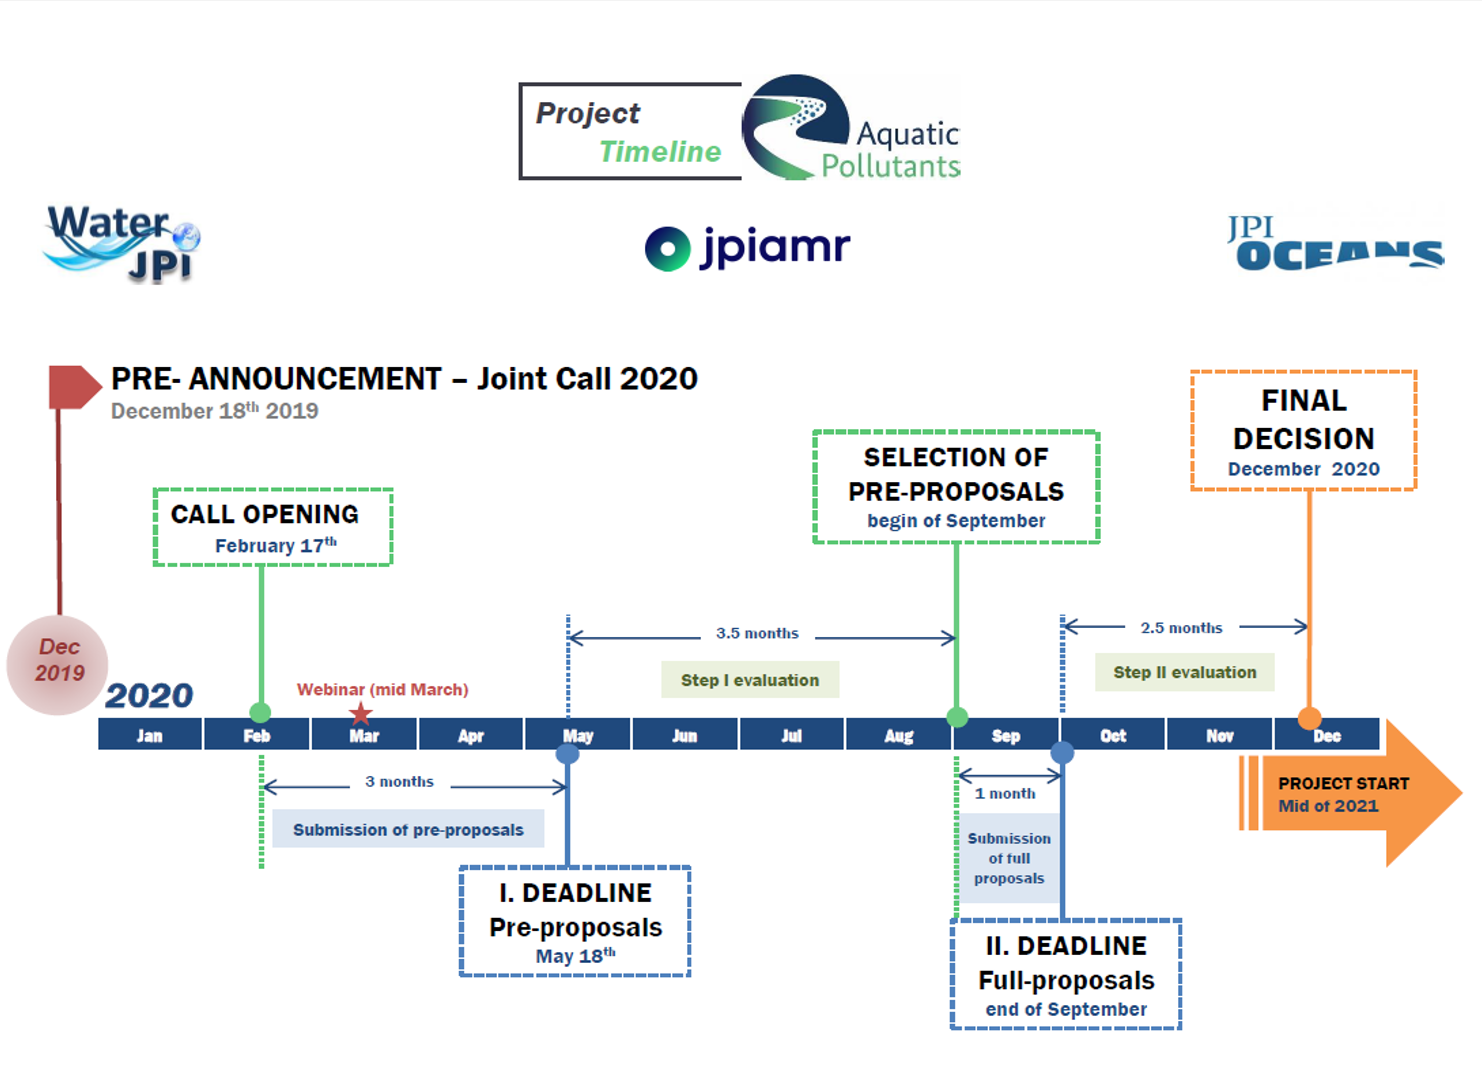 Aquatic Pollutants Timeline 29 06 2020.png